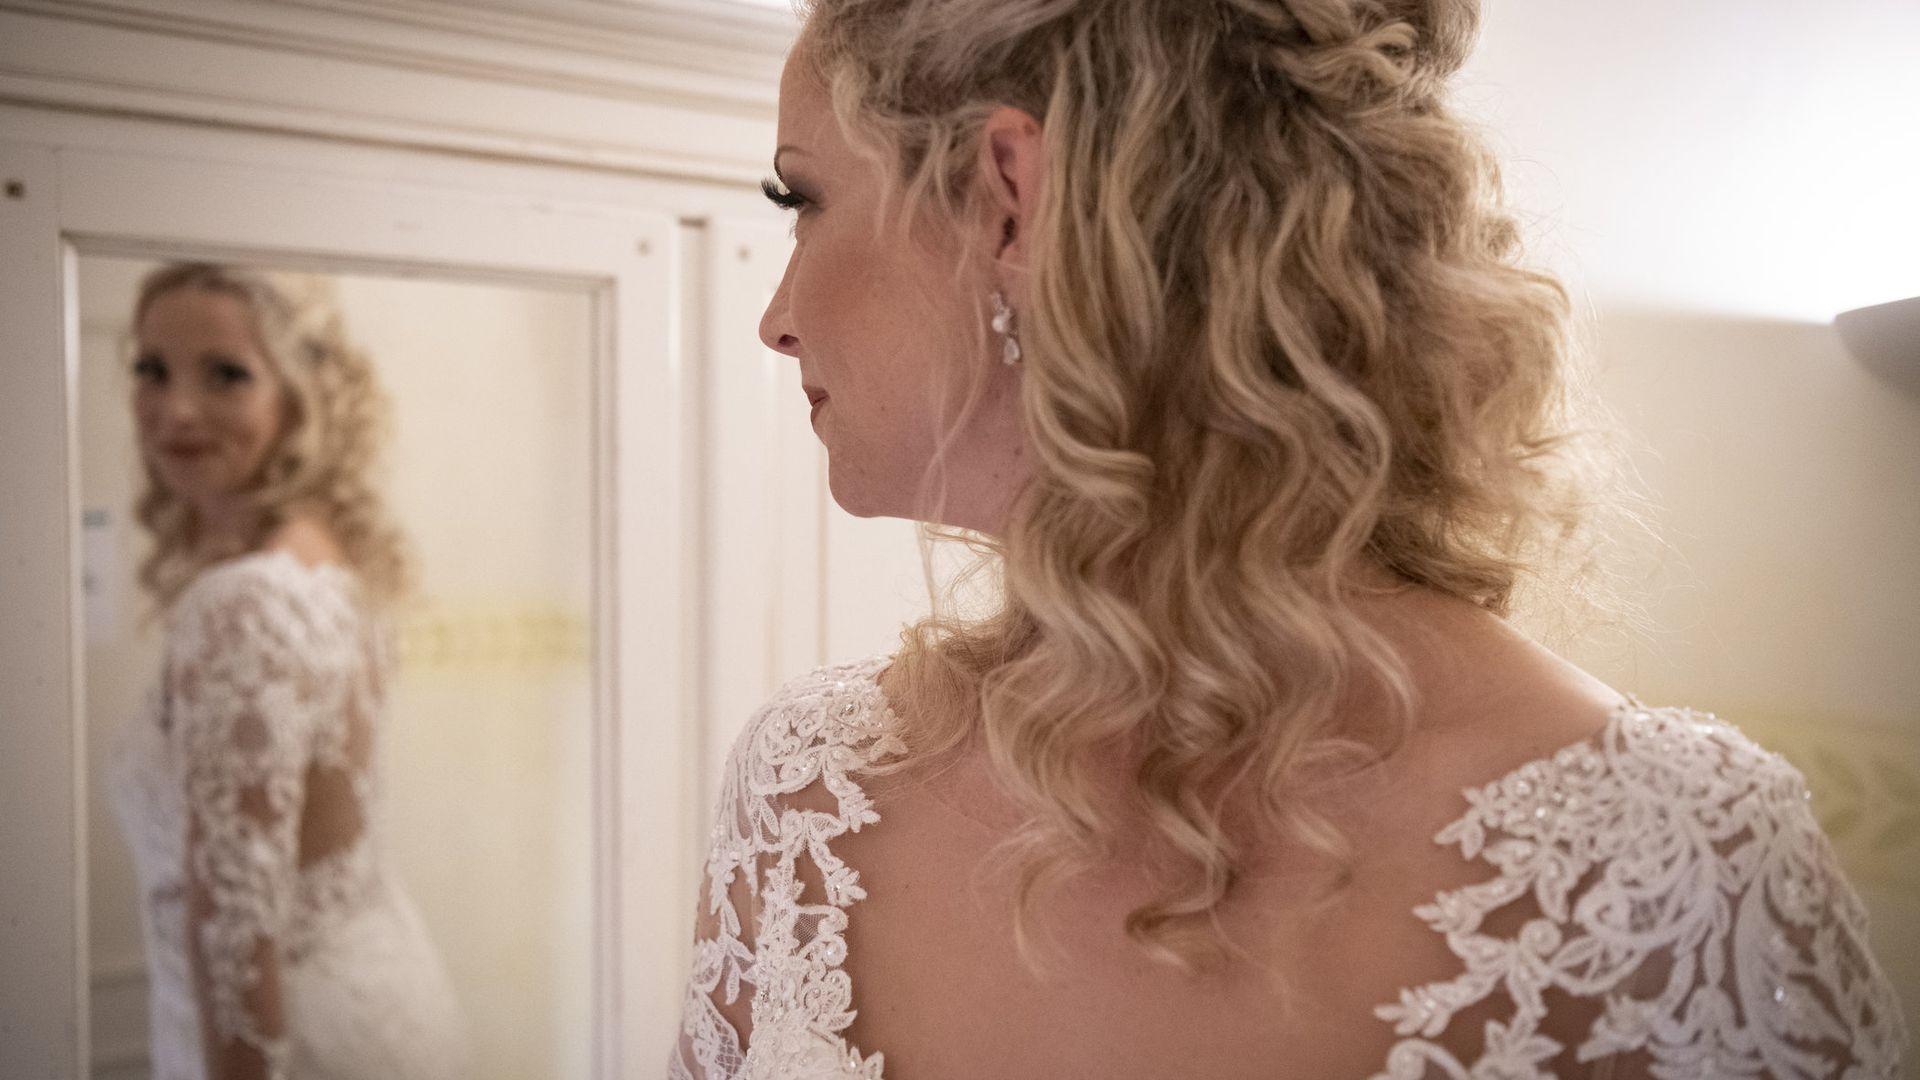 Hochzeit Auf Ersten Blick Cindy Hatte Alex Nicht Gewahlt Promiflash De